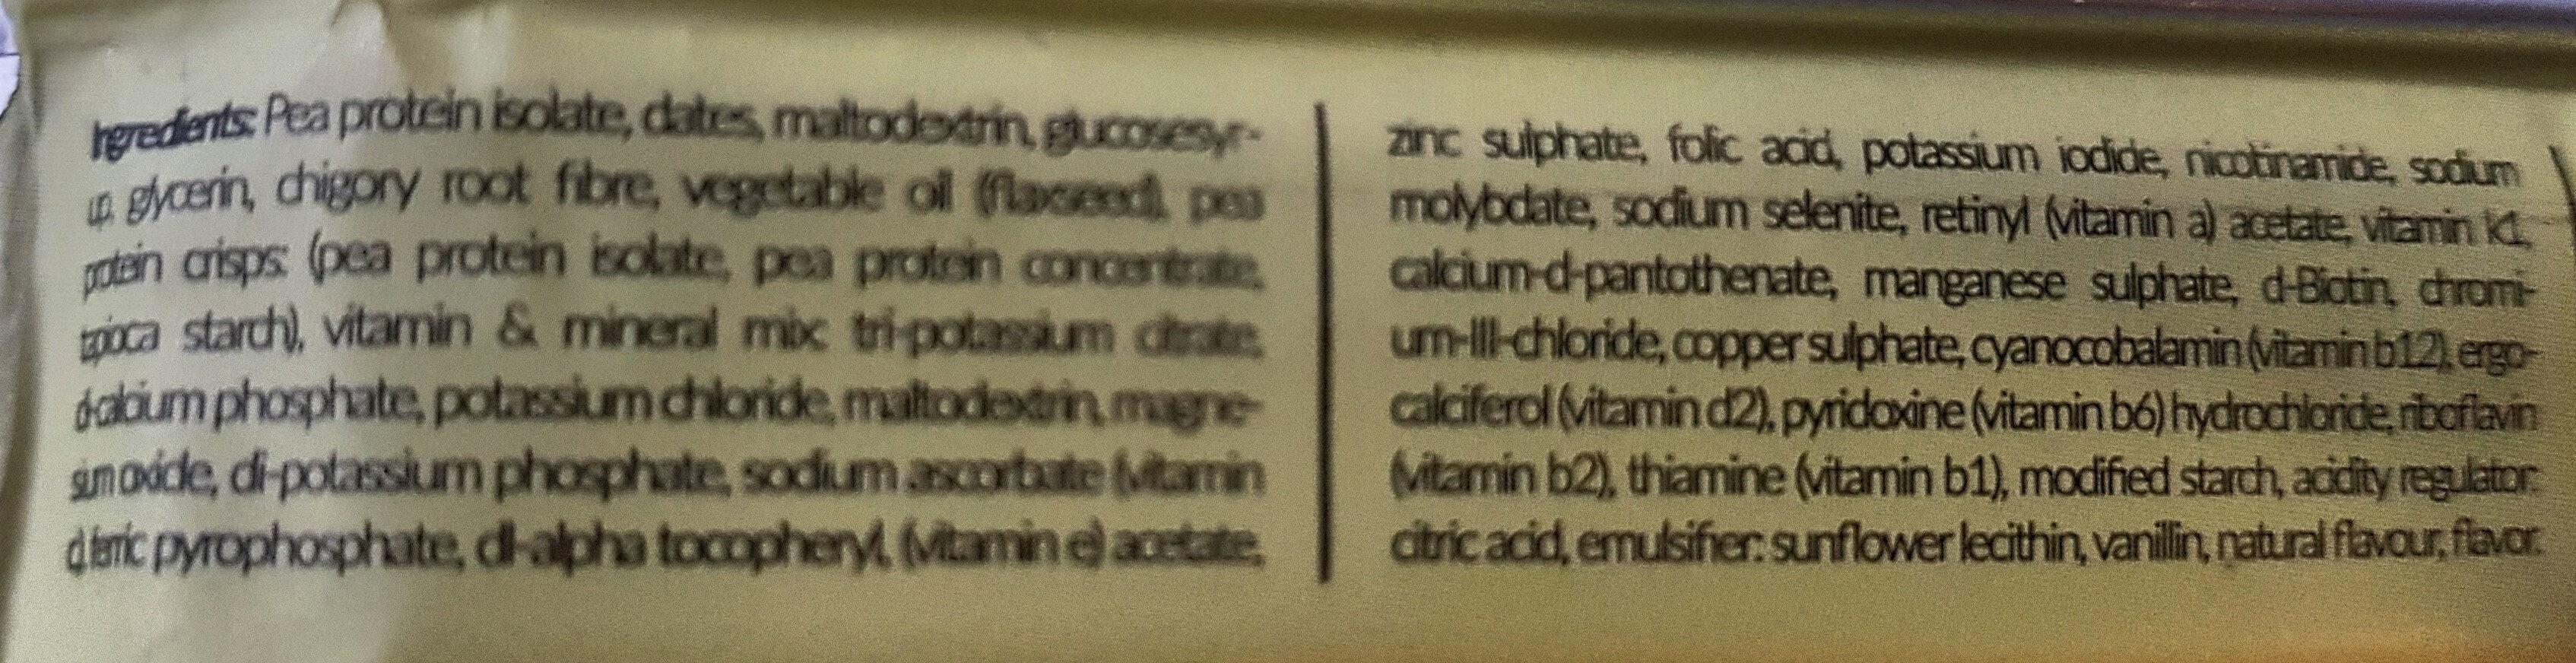 Vitaminbar Vanilla - Zutaten - en